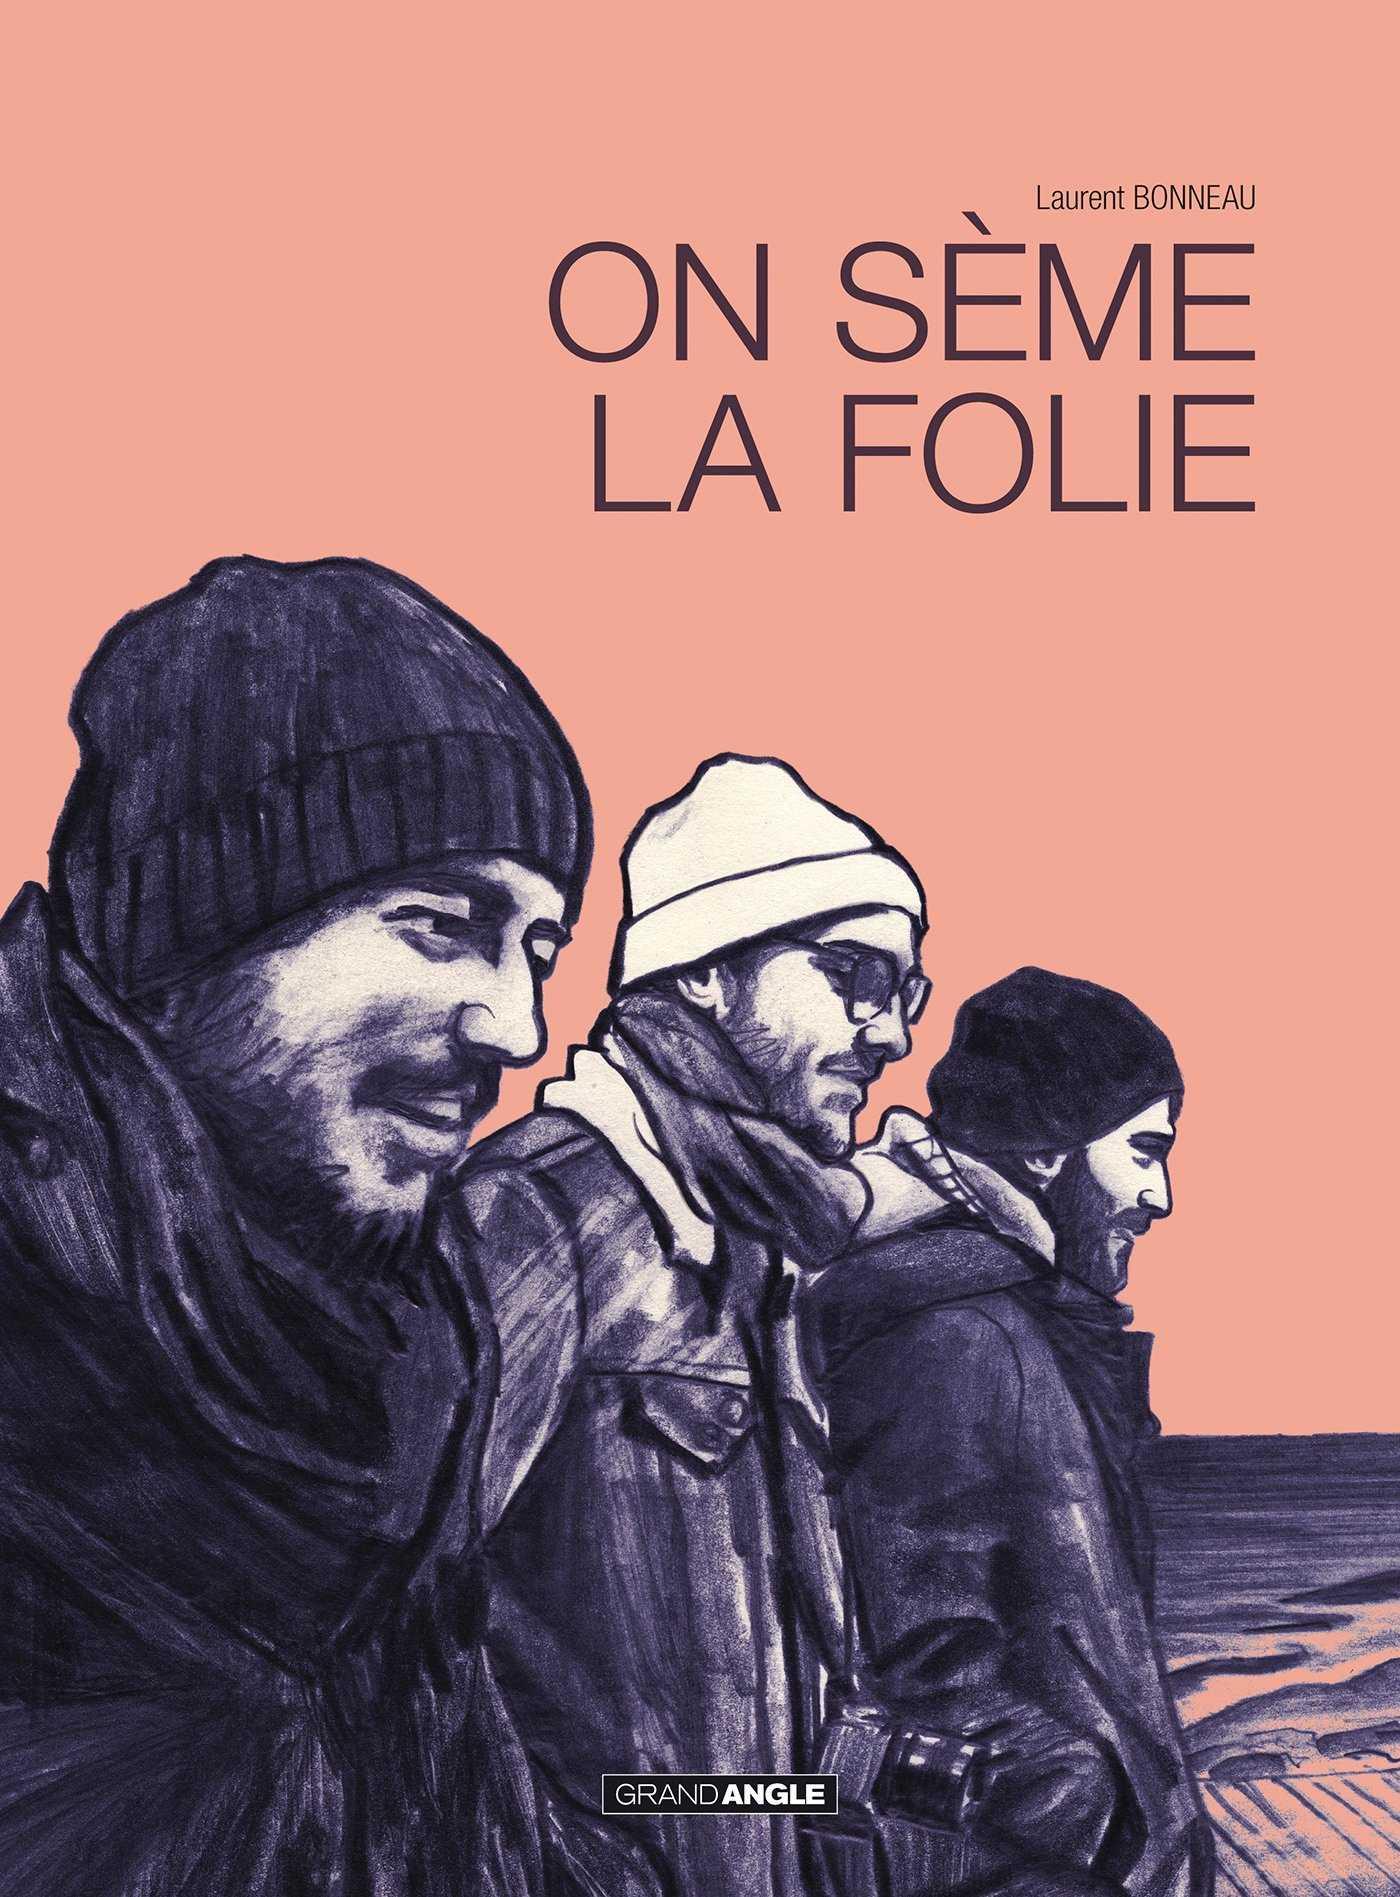 On sème la folie, Laurent Bonneau pour un hommage à l'amitié